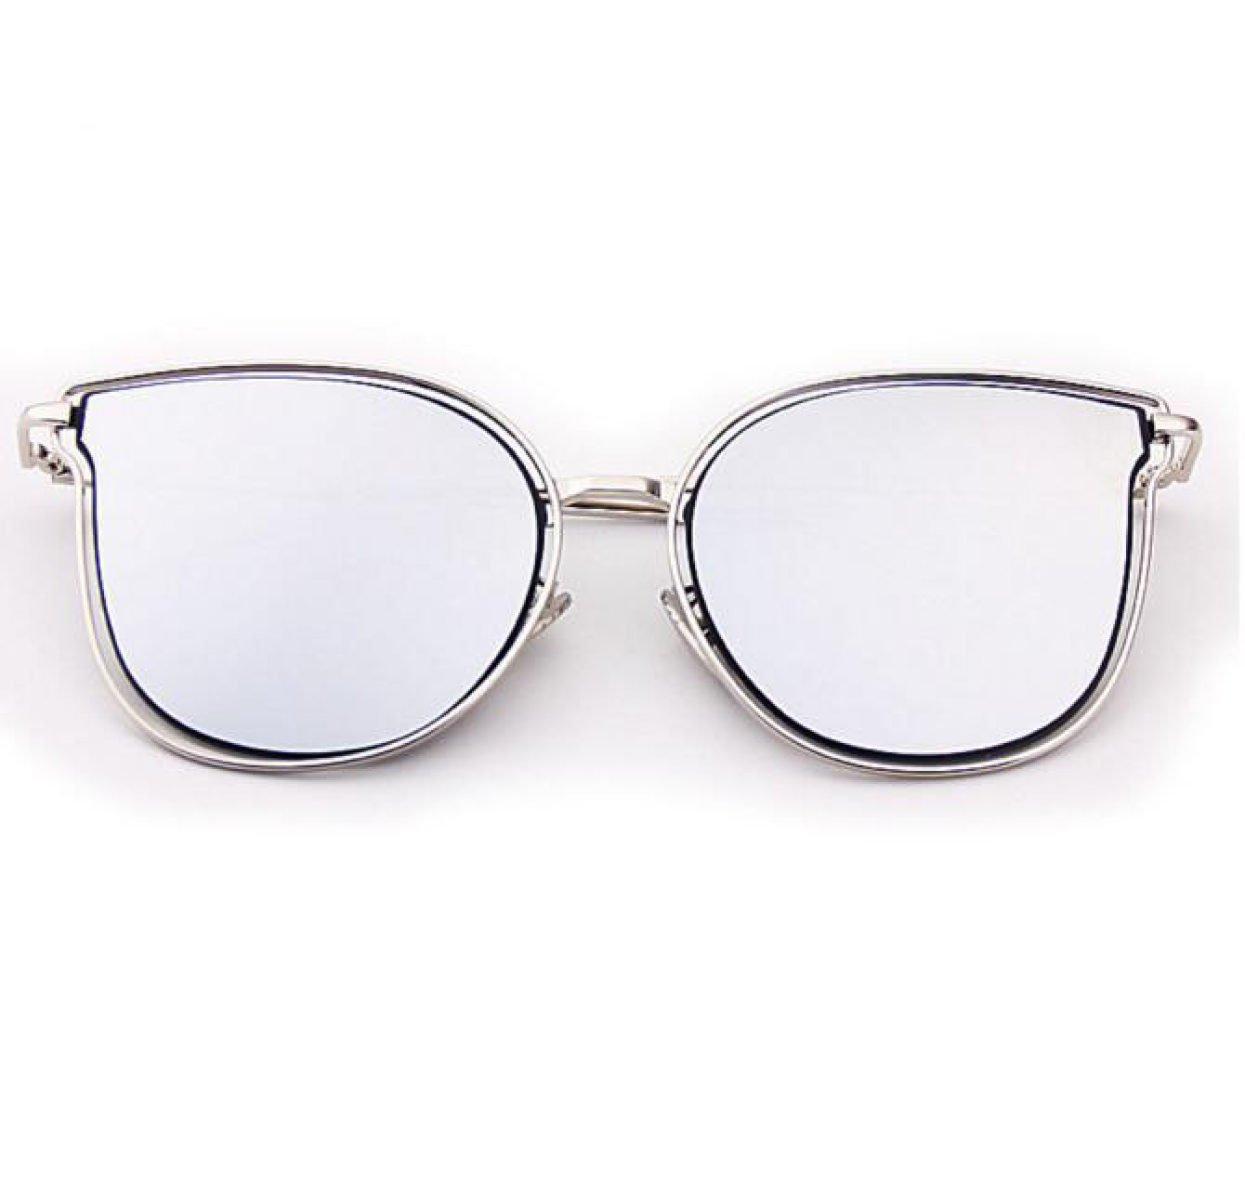 Das Auge Des Neuen Katze Brille Frau Fashion Großen Rahmen ...